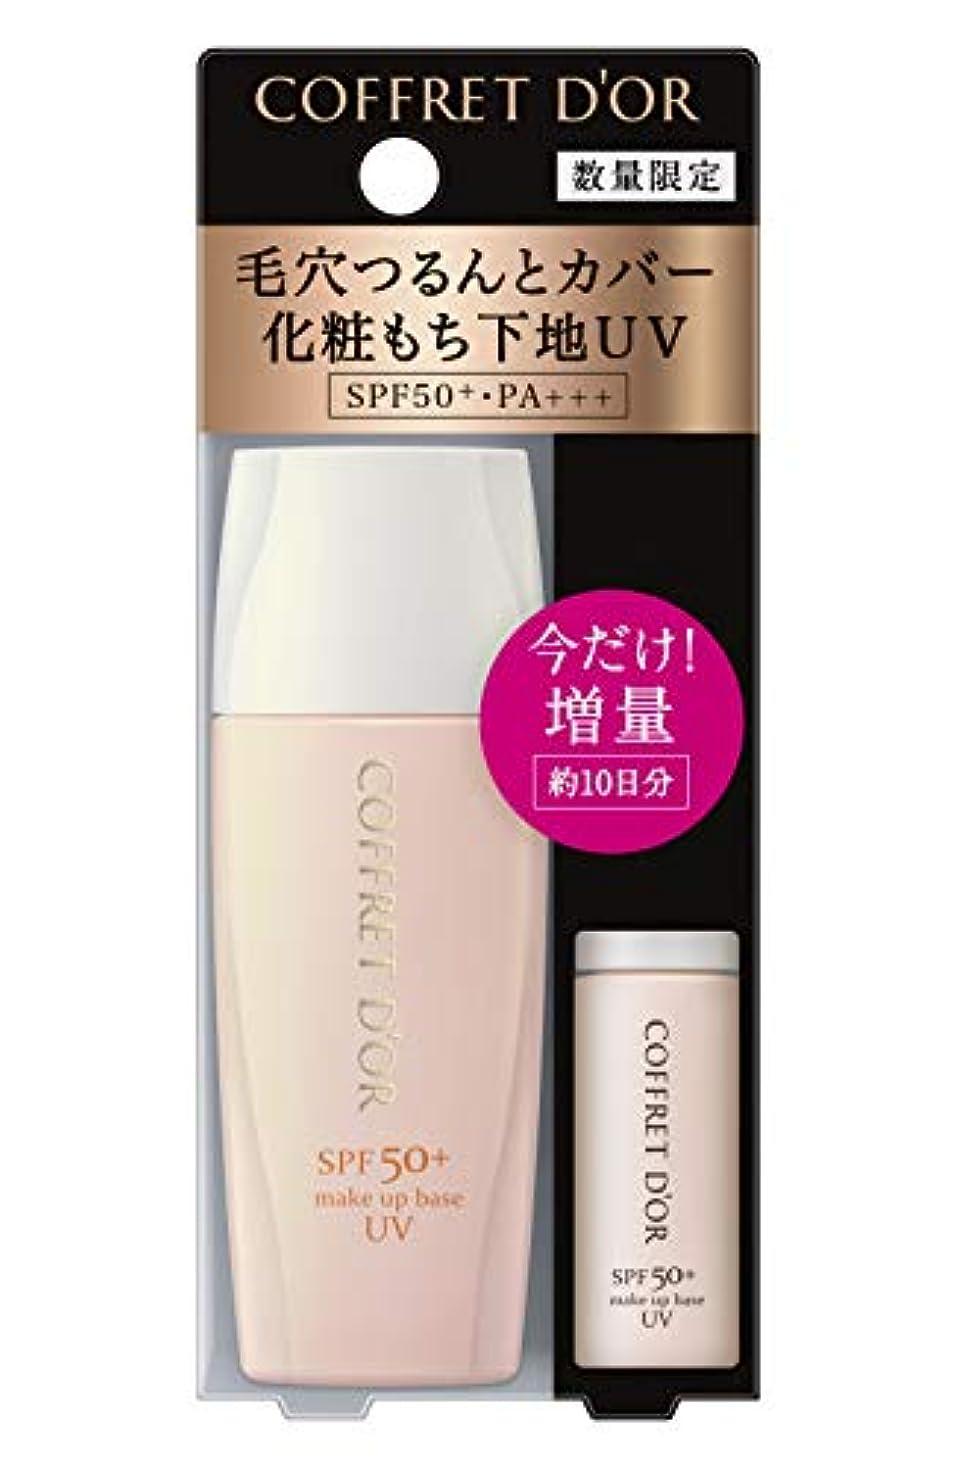 コフレドール 毛穴つるんとカバー 化粧もち下地UV 02 増量セット 10日分サンプル付 化粧下地 SPF50+/PA+++